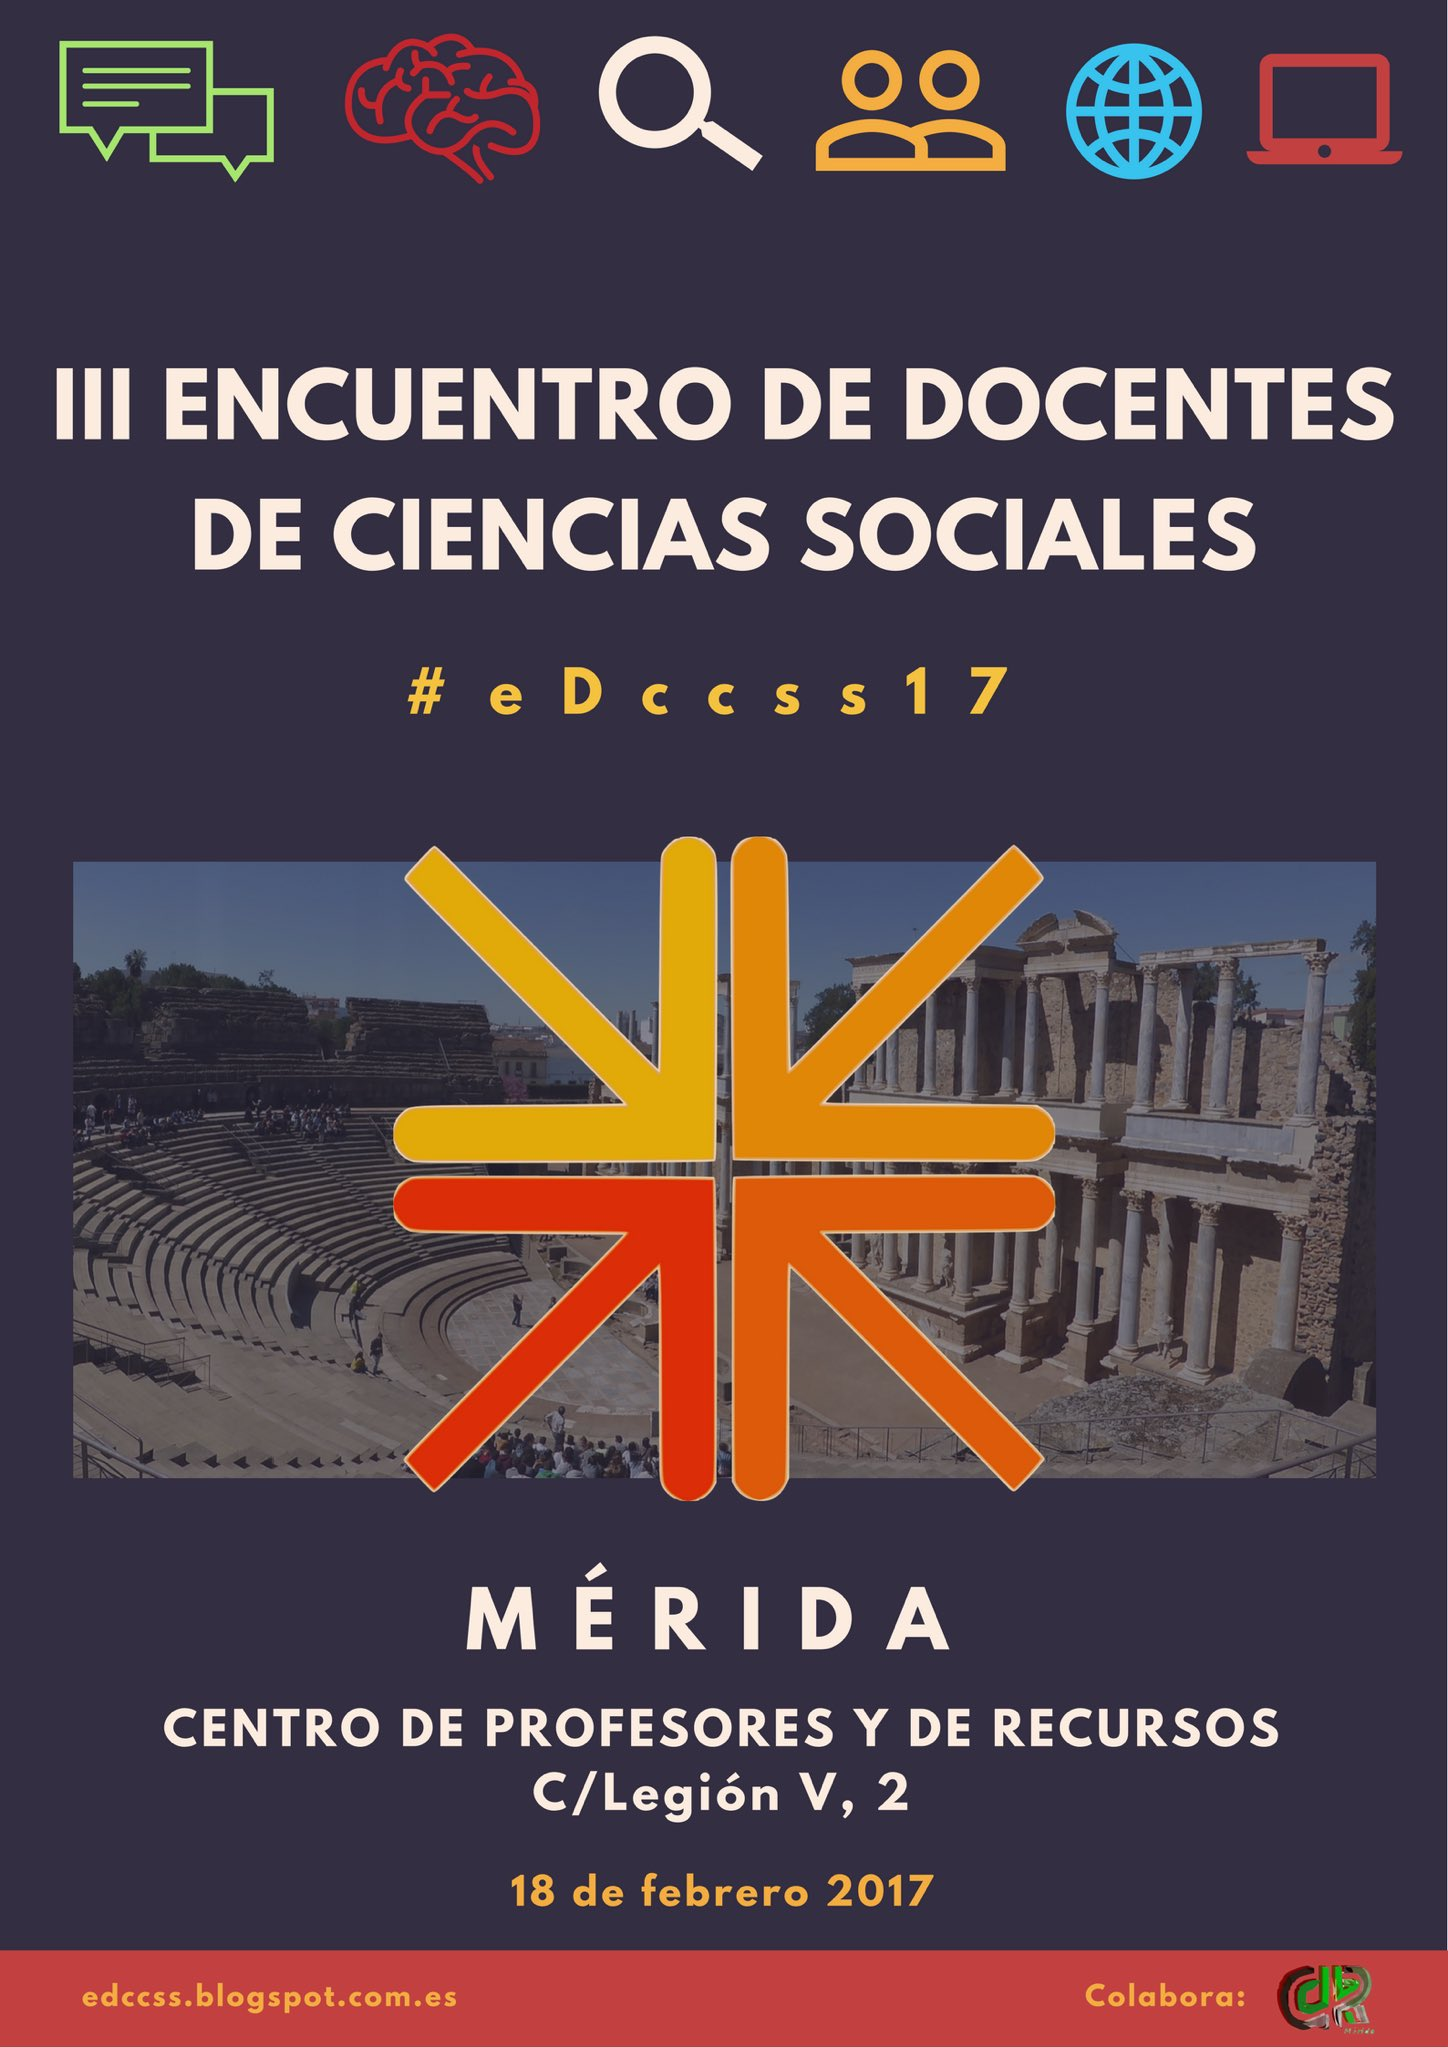 III Encuentro de Docentes de Ciencias Sociales